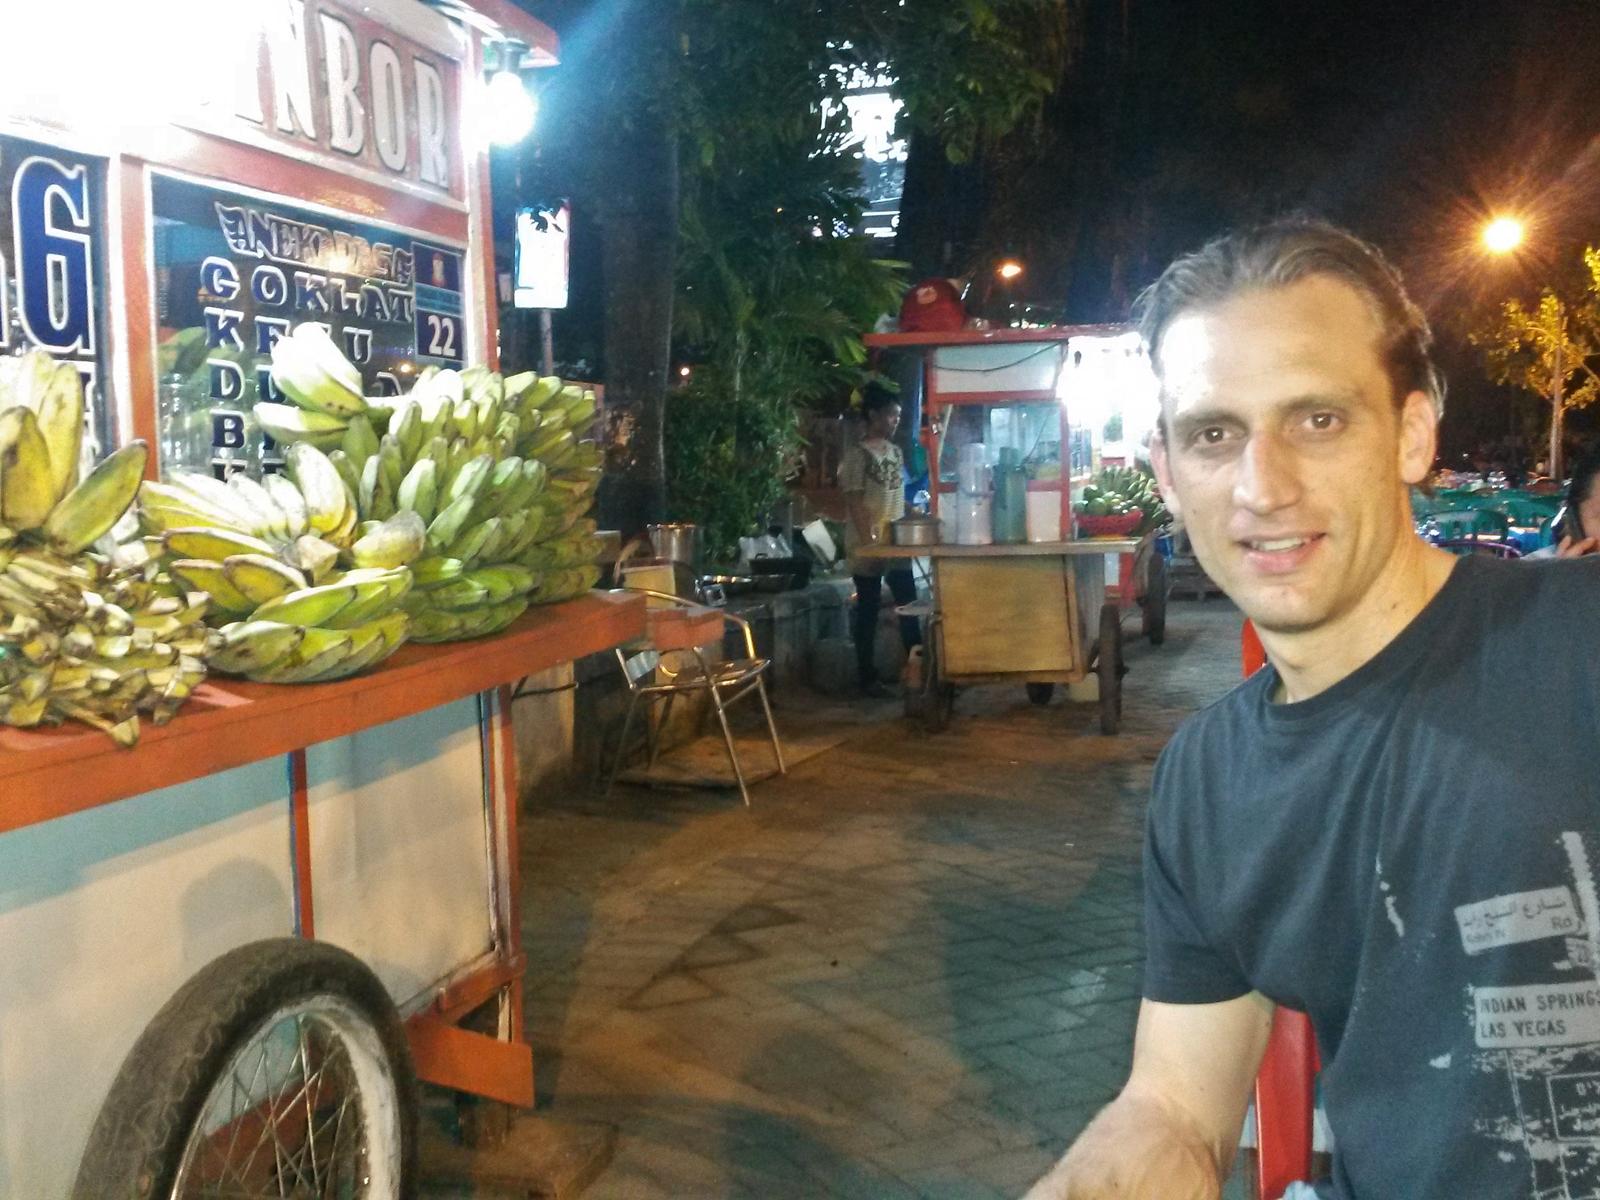 rondreis sulawesi blog foto 10